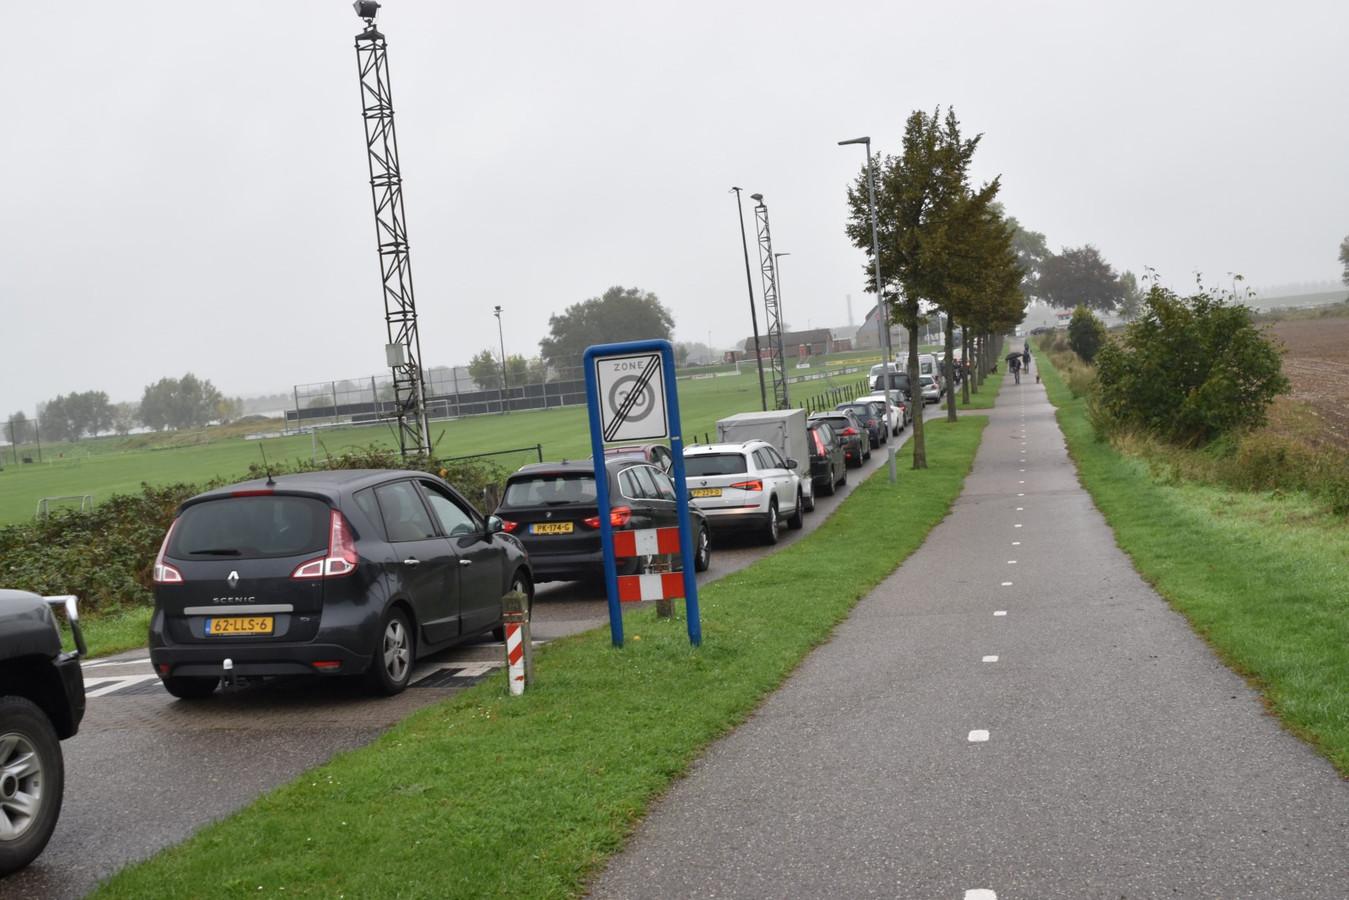 In oktober 2019 was de A2 tussen Empel en Deil afgesloten, van zuid naar noord dus. Dat leidde tot grote drukte bij de pont in Brakel. Vanaf vrijdag 2 oktober zal de rij vooral in Herwijnen staan.